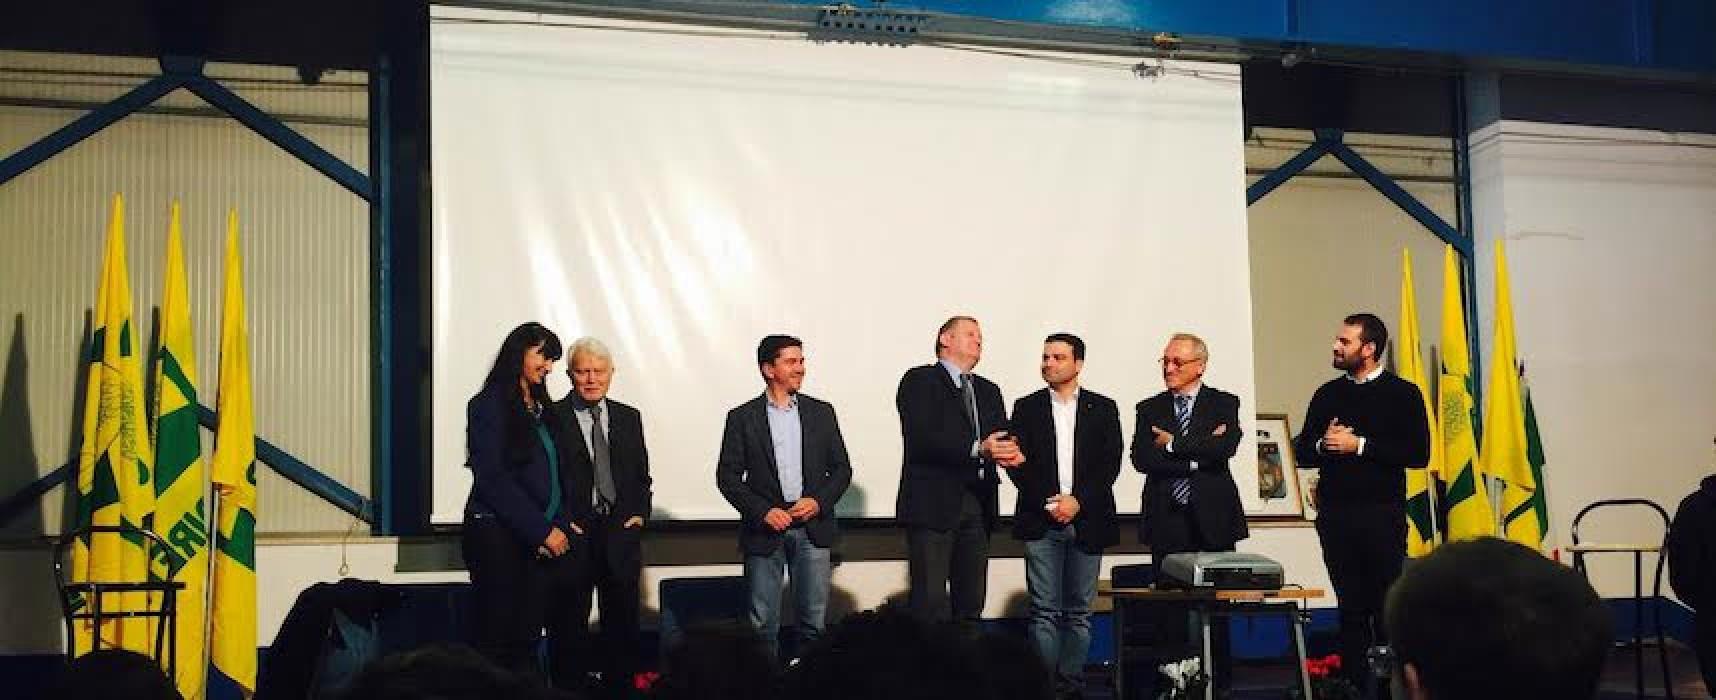 Agricoltura e legalità: Gian Carlo Caselli incontra gli studenti biscegliesi